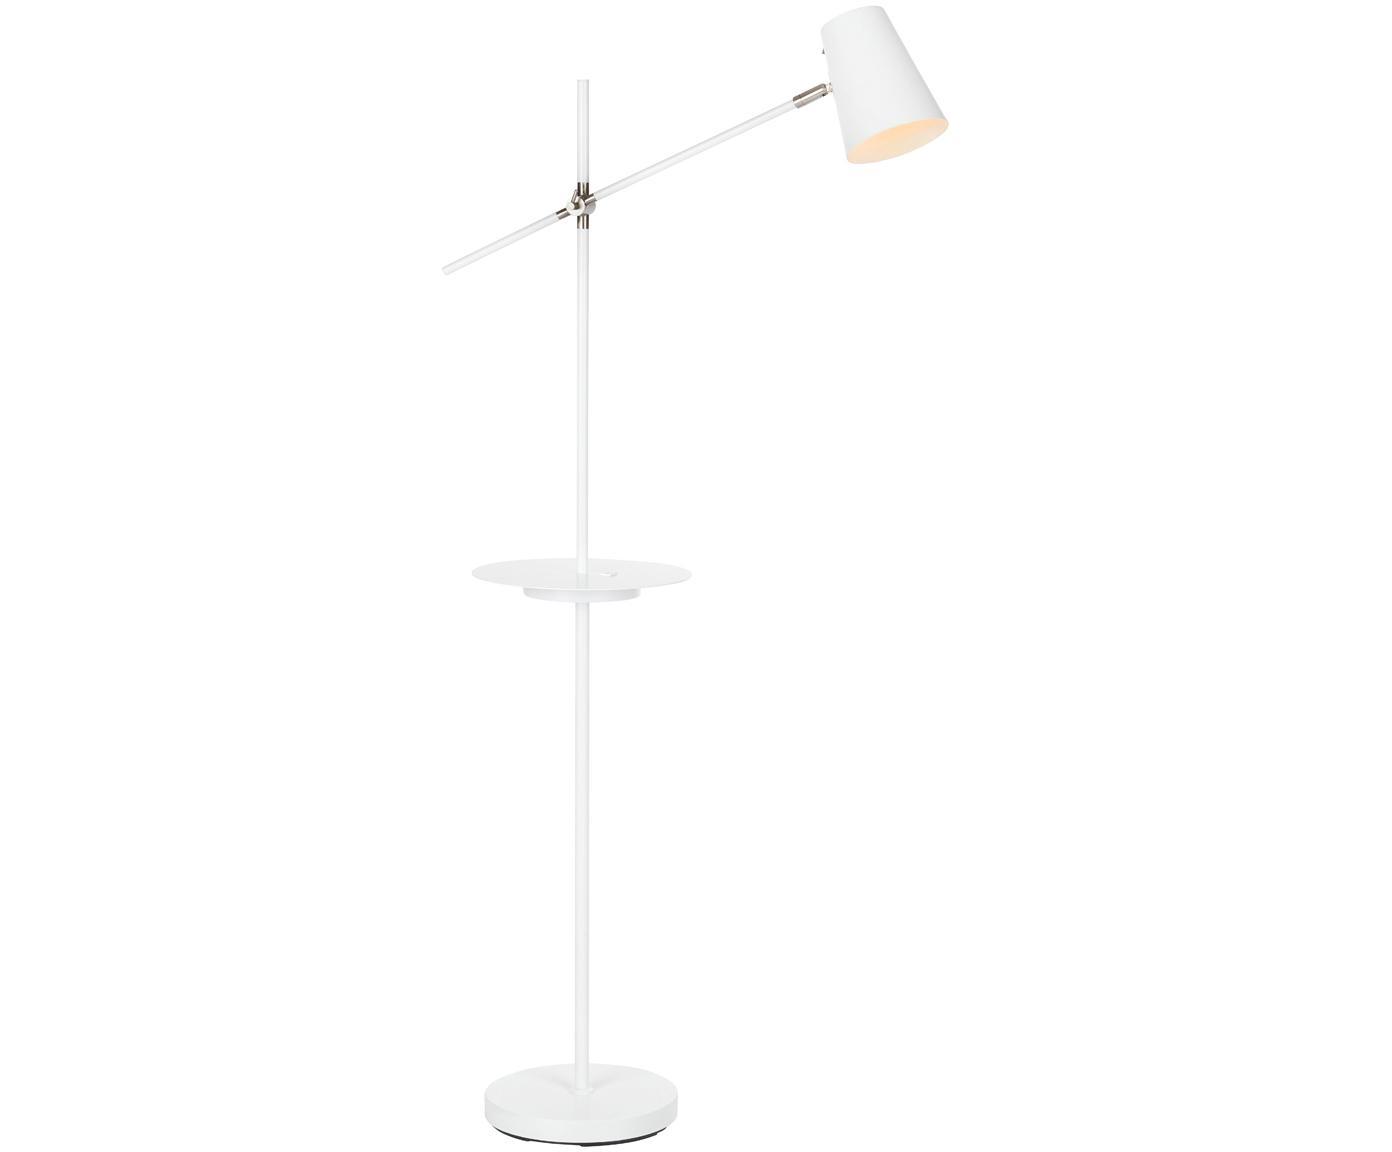 Leselampe Linear mit Ablage und USB-Anschluss, Leuchte: Metall, beschichtet, Weiß, 28 x 144 cm